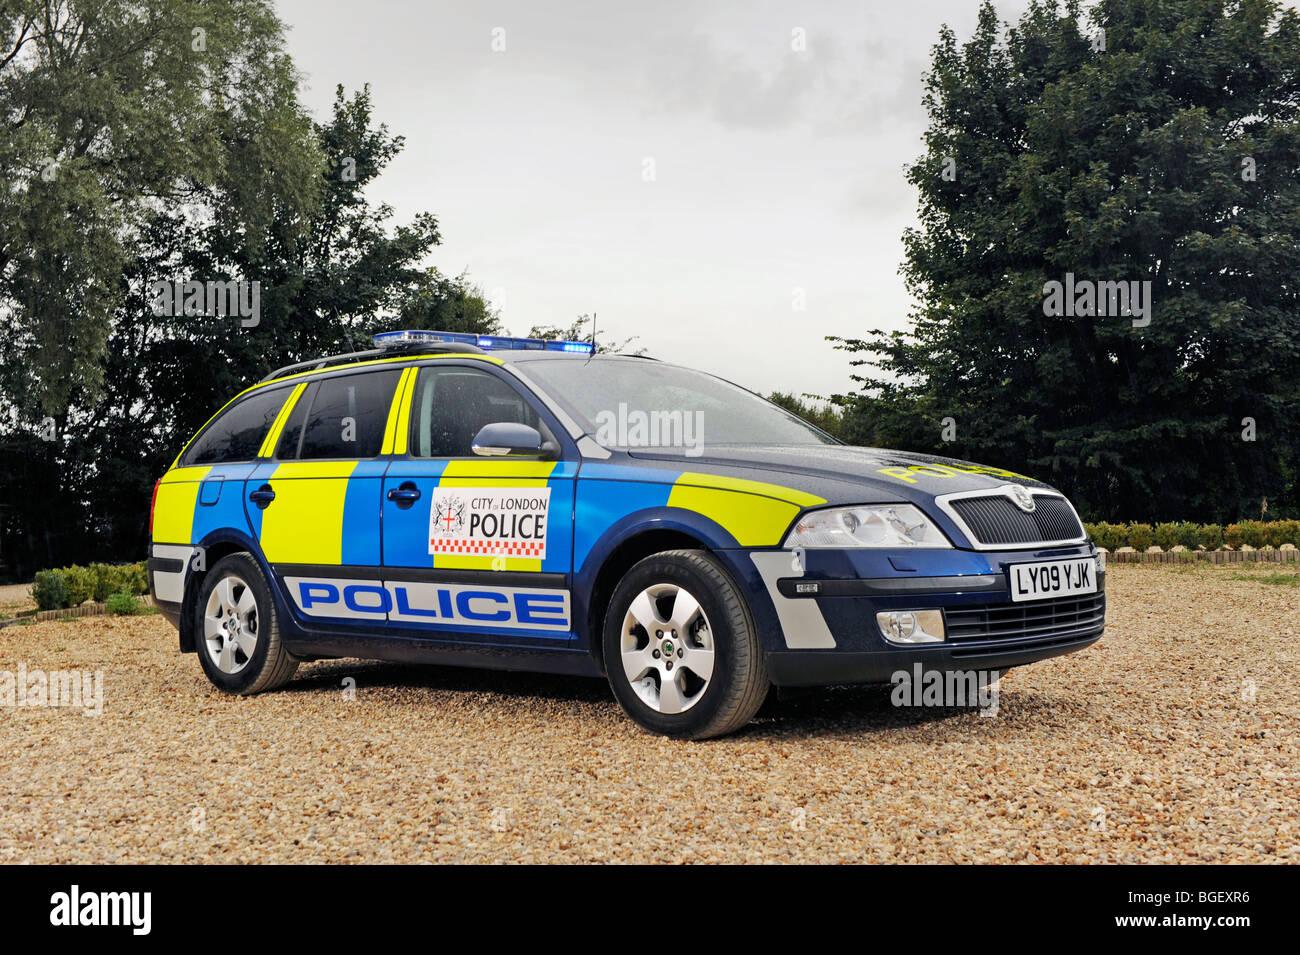 Skoda Octavia police estate car - Stock Image